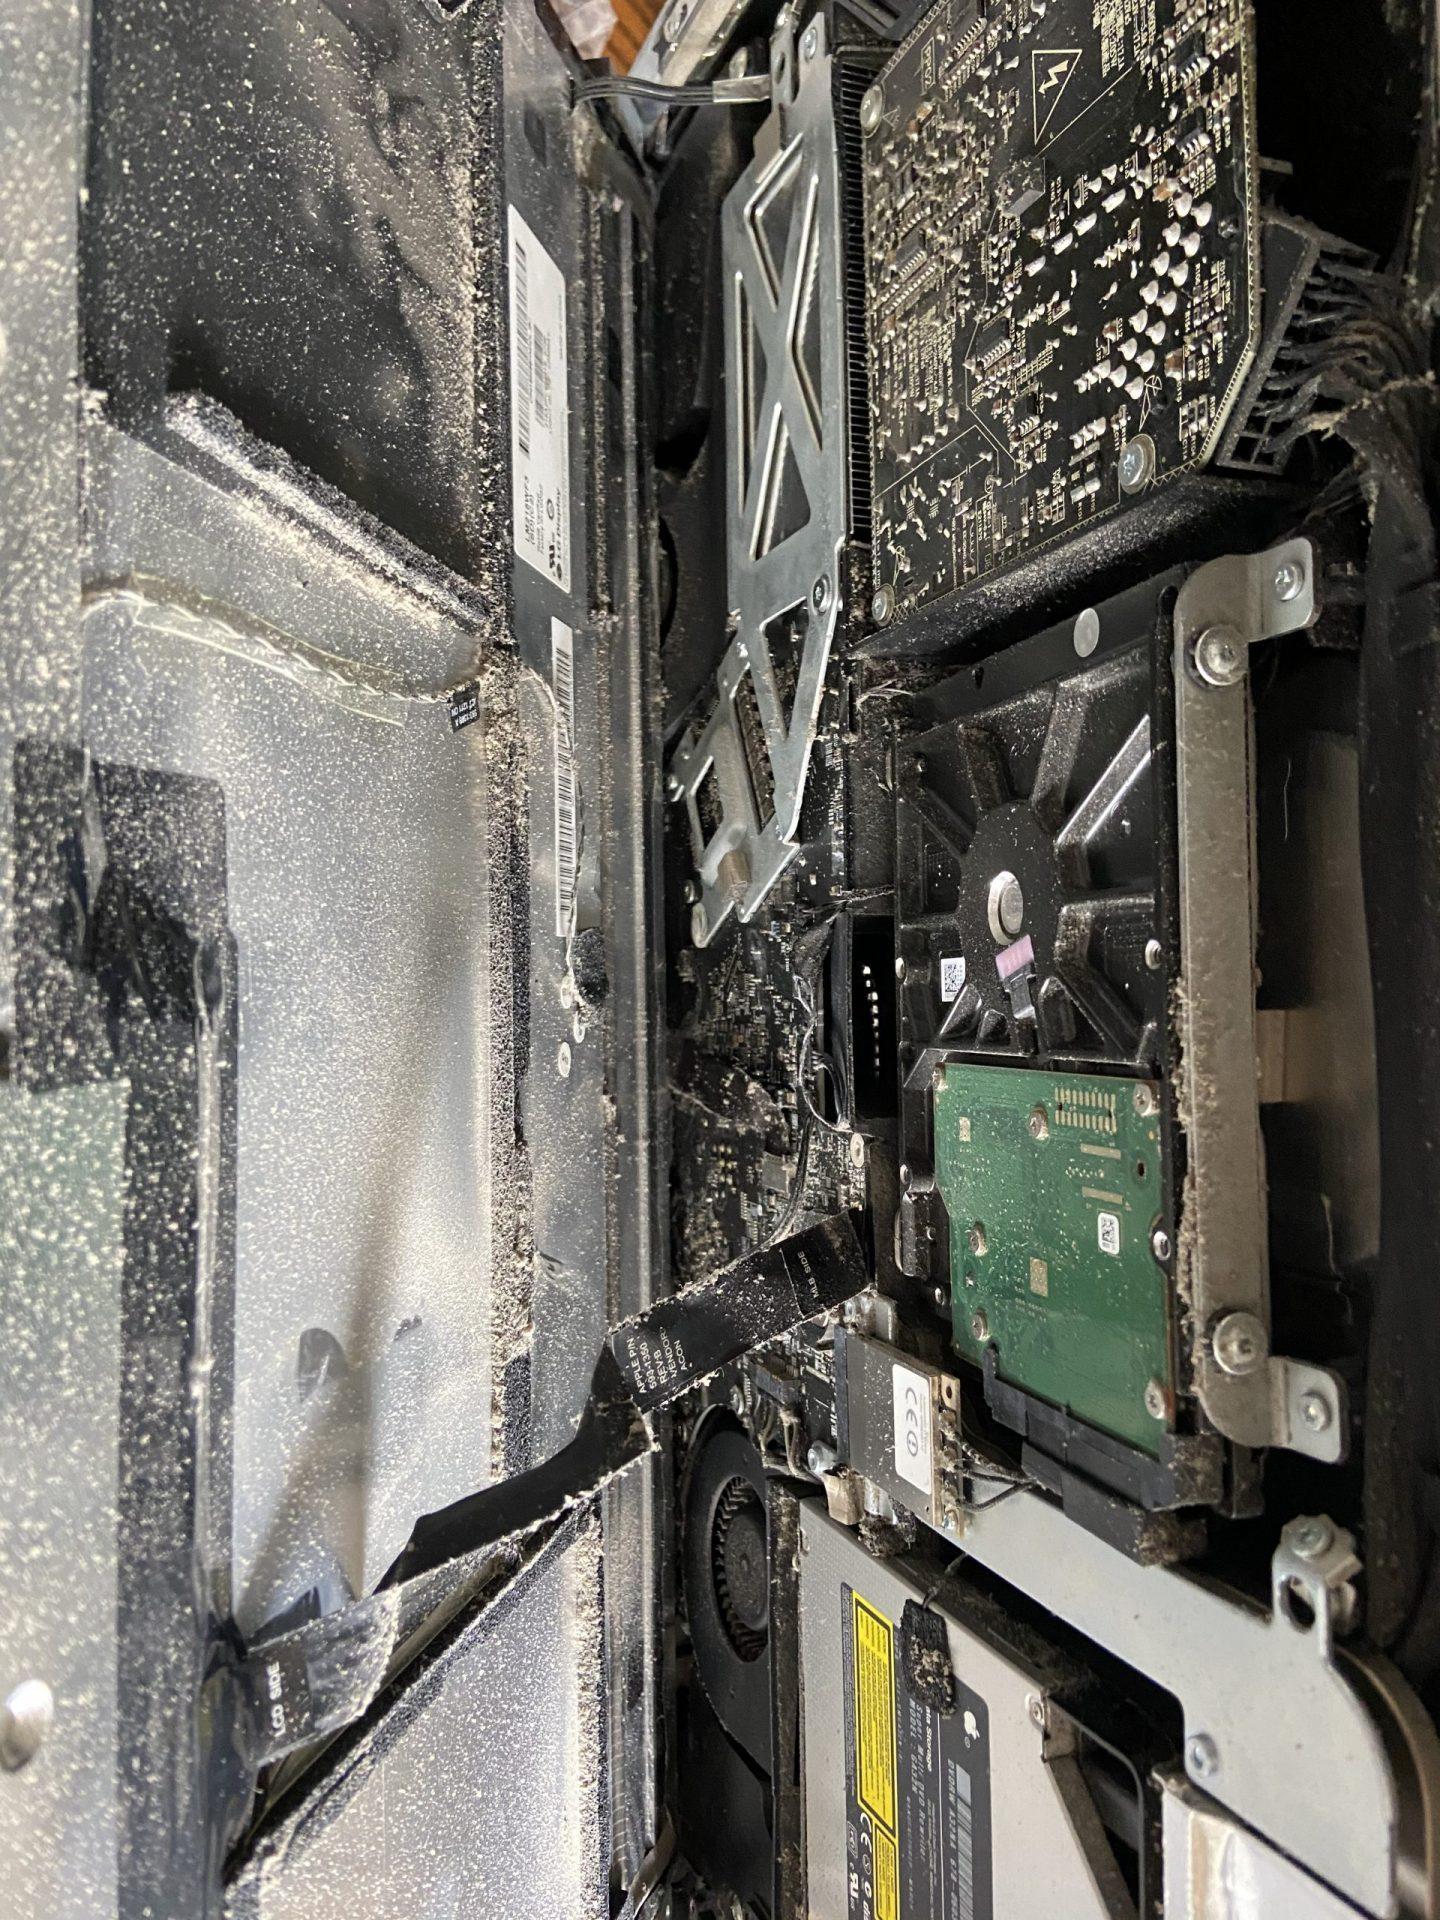 Dusty iMac 2011